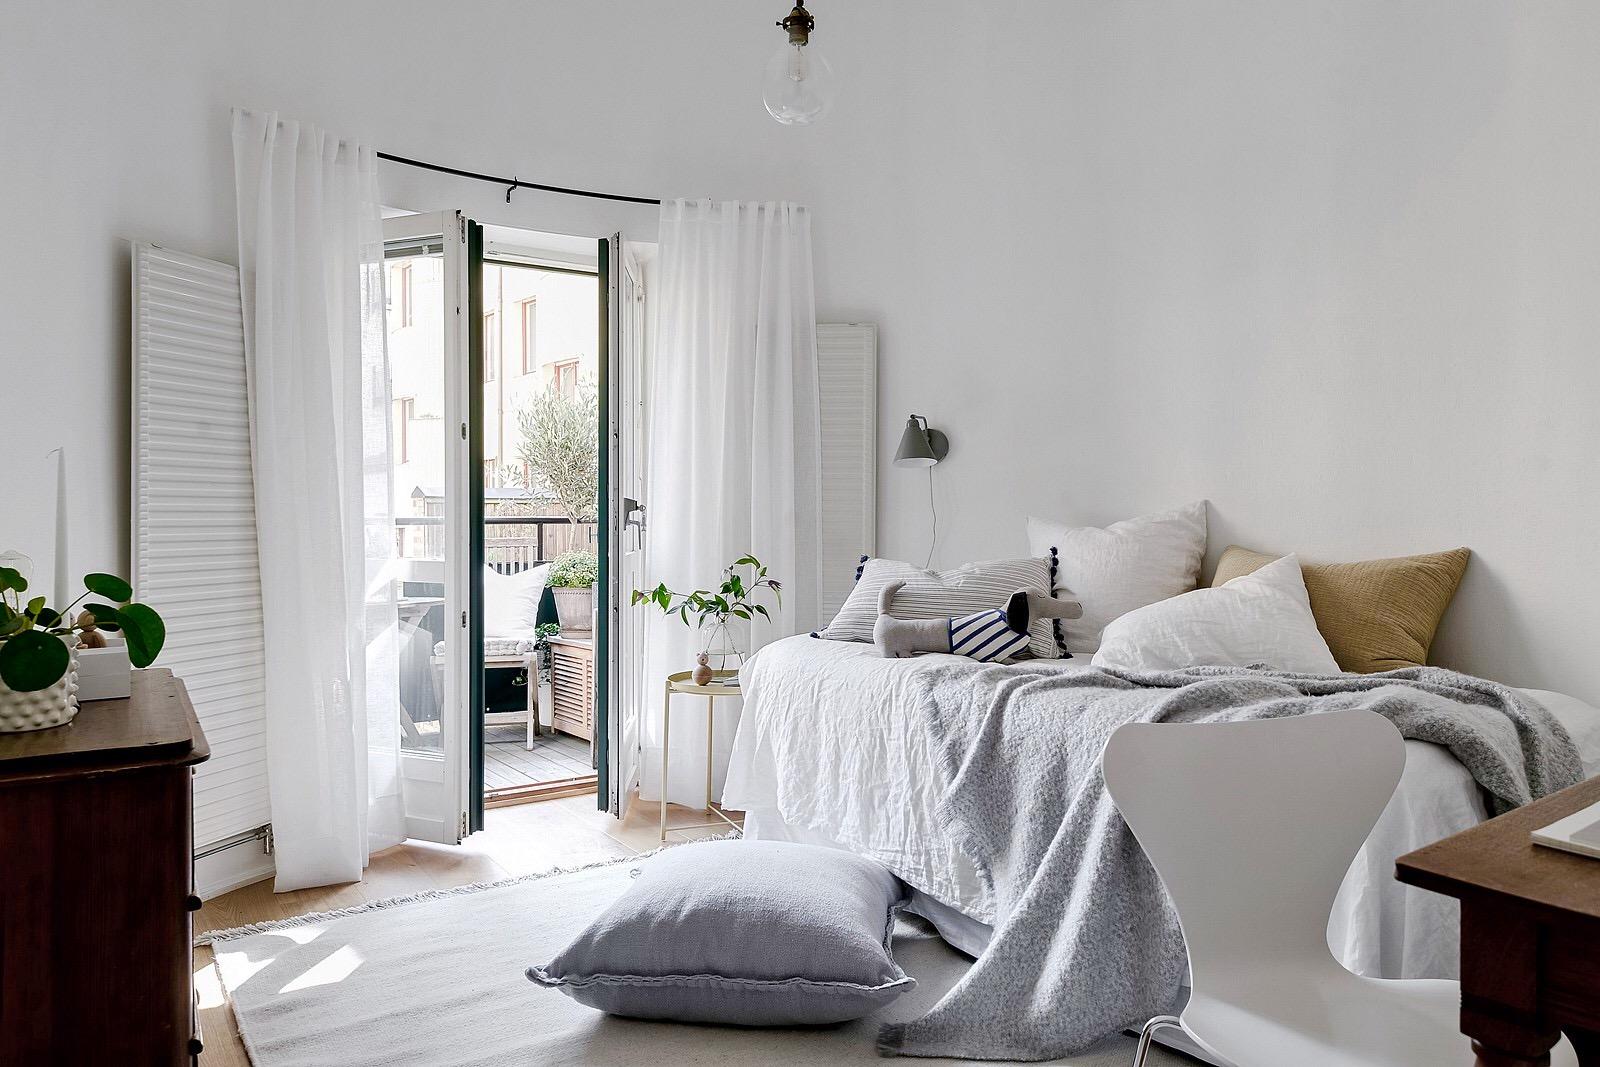 спальня кровать окно выход на балкон